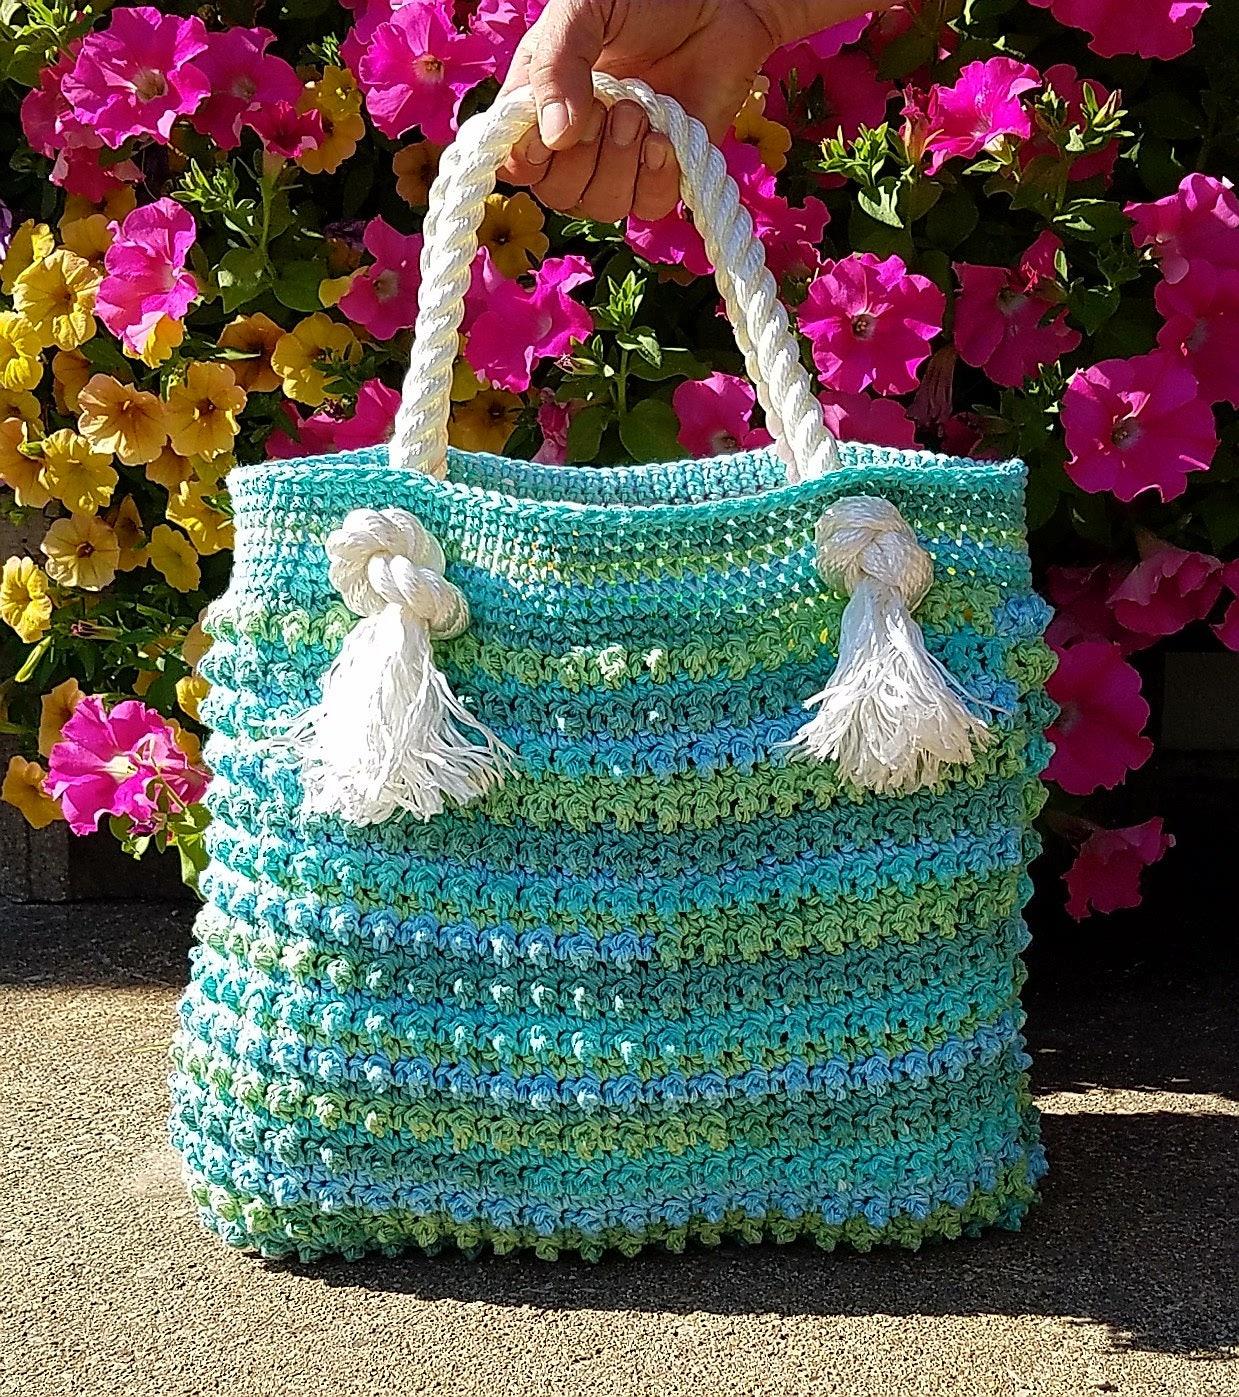 Crochet Blue Ocean Breeze Summer Beach Bag Pattern DIGITAL